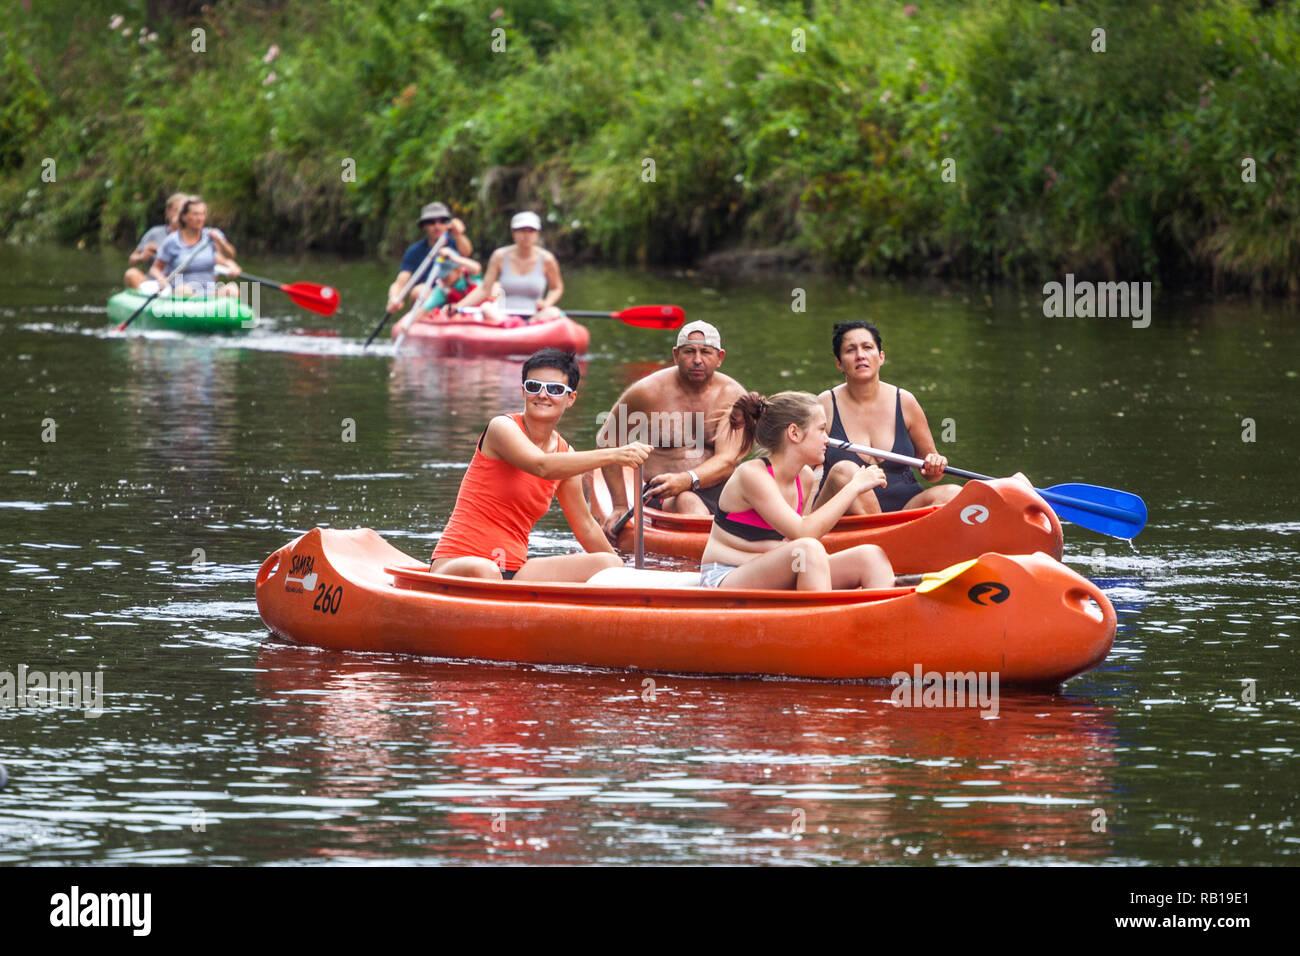 Le persone attive in canoa sul fiume estate avventura sul fiume, Repubblica Ceca Immagini Stock